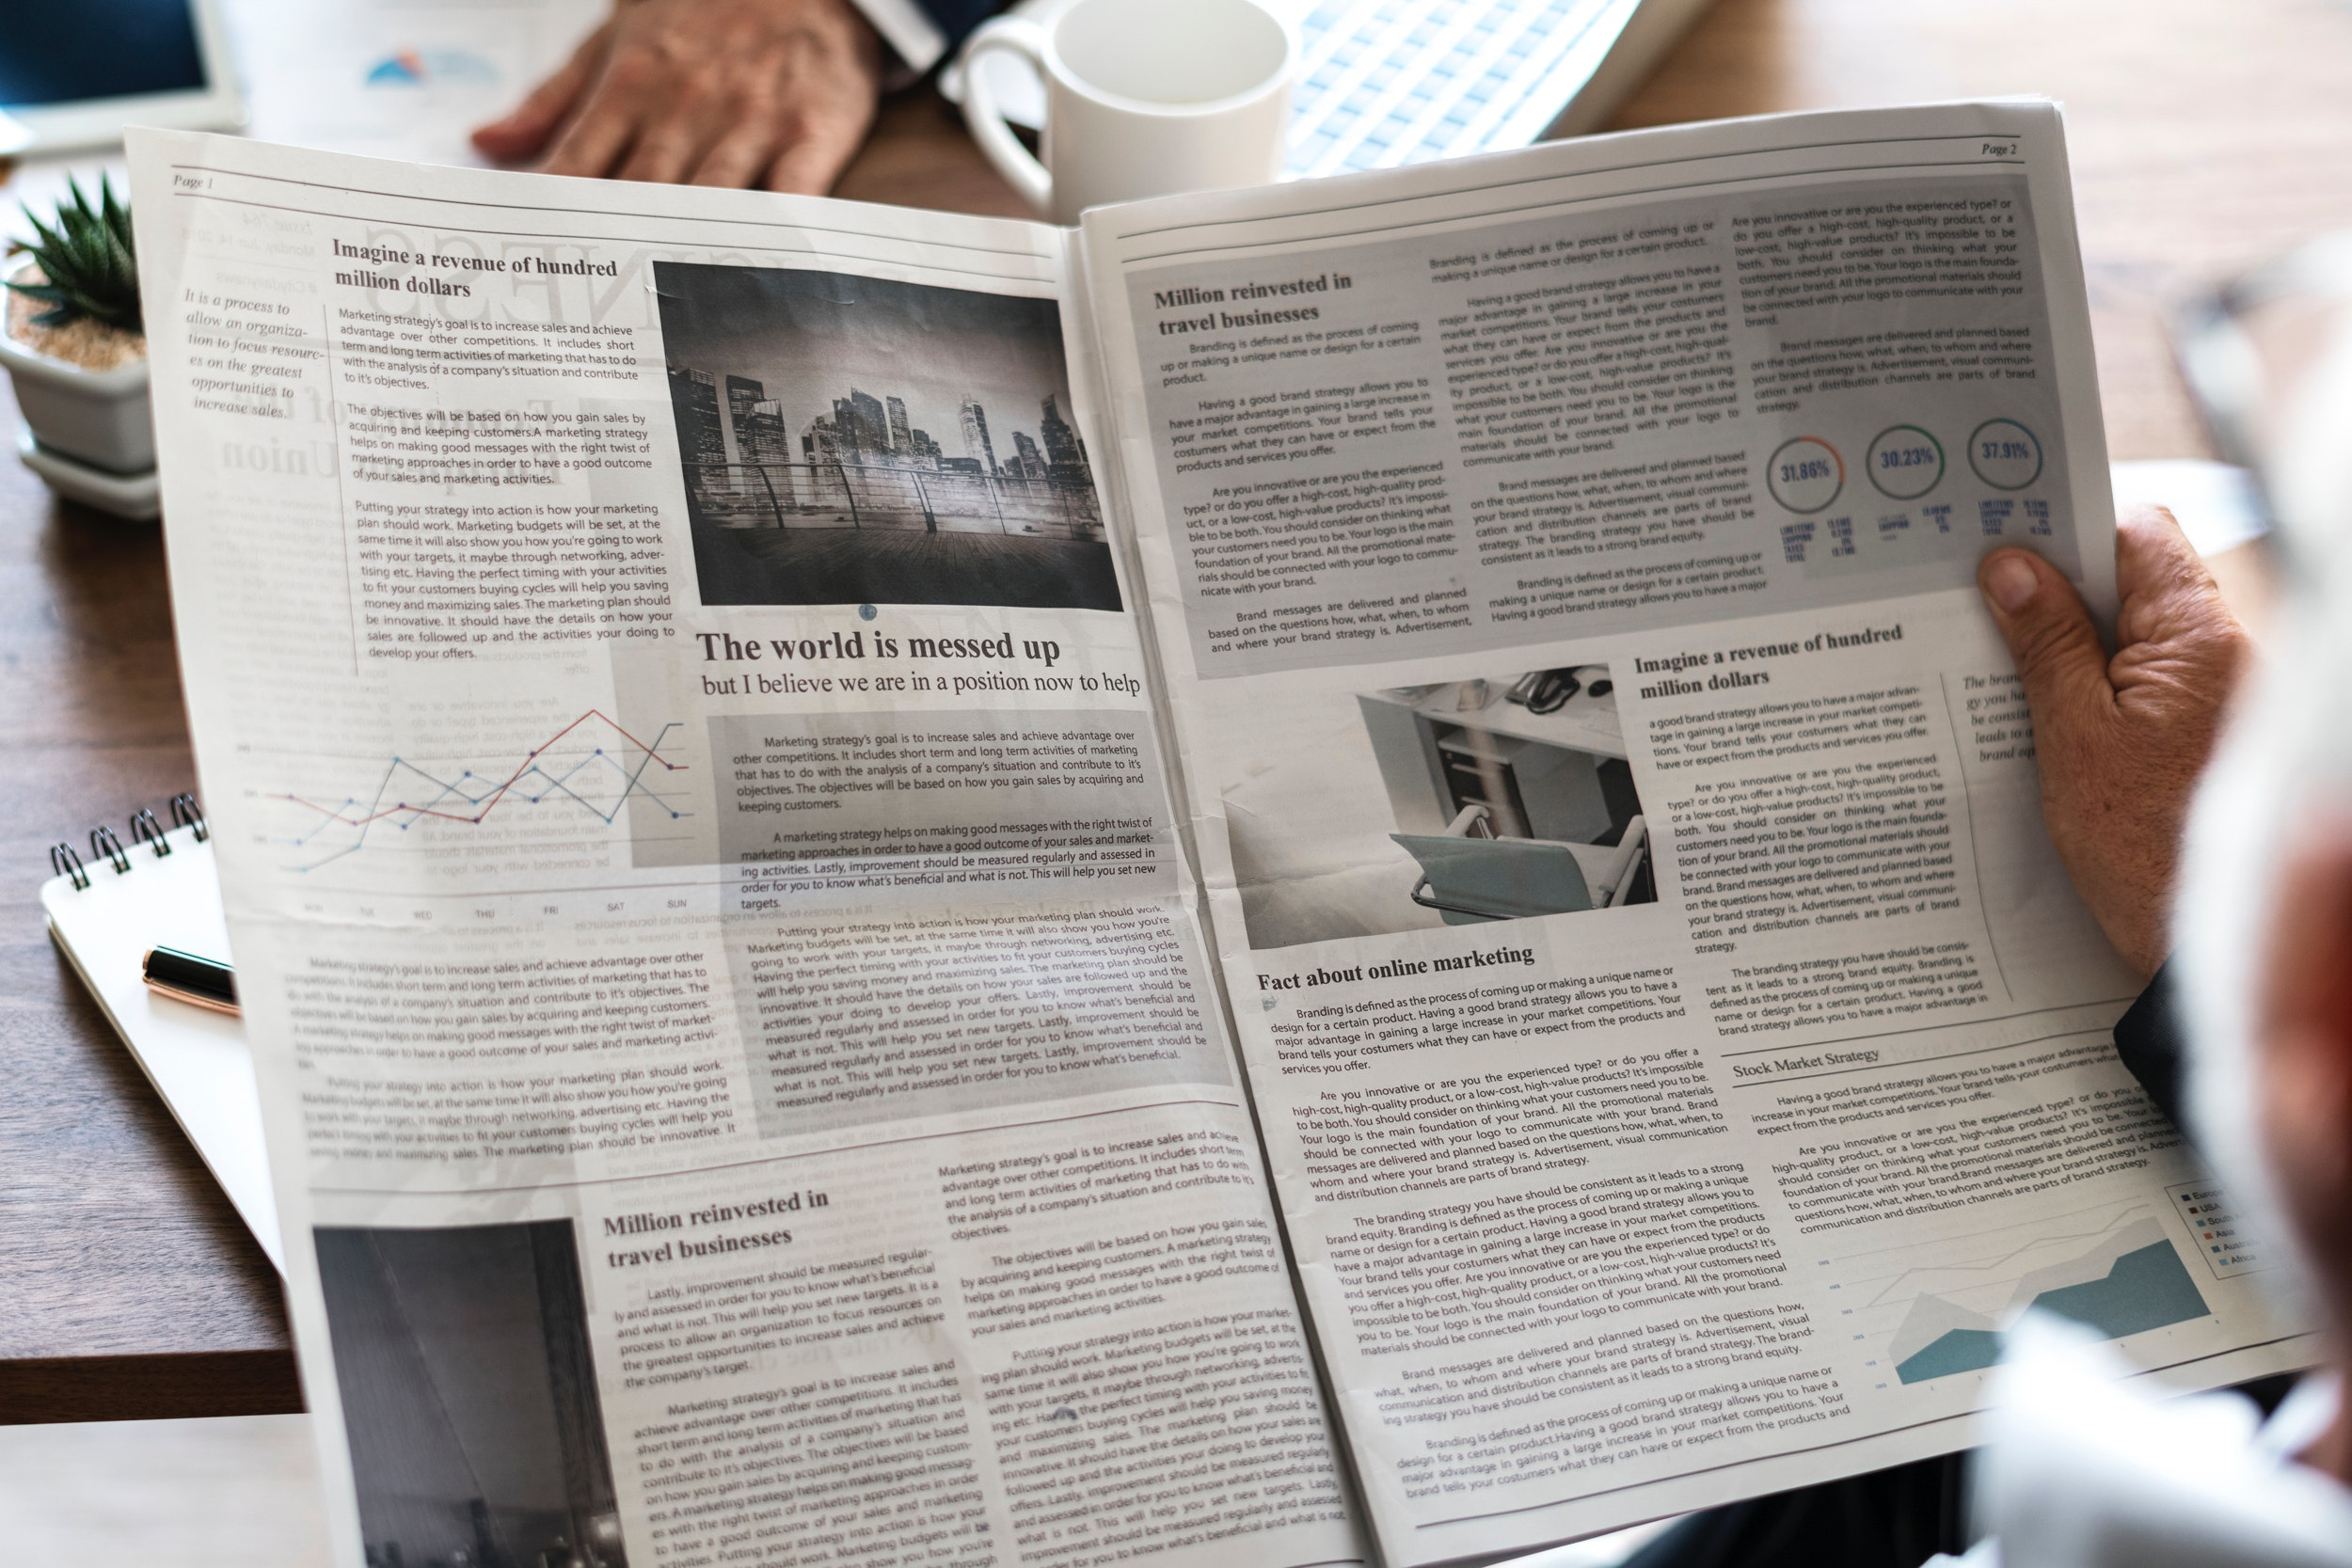 Le testate giornalistiche online: tra approdi giurisprudenziali e tutele costituzionali